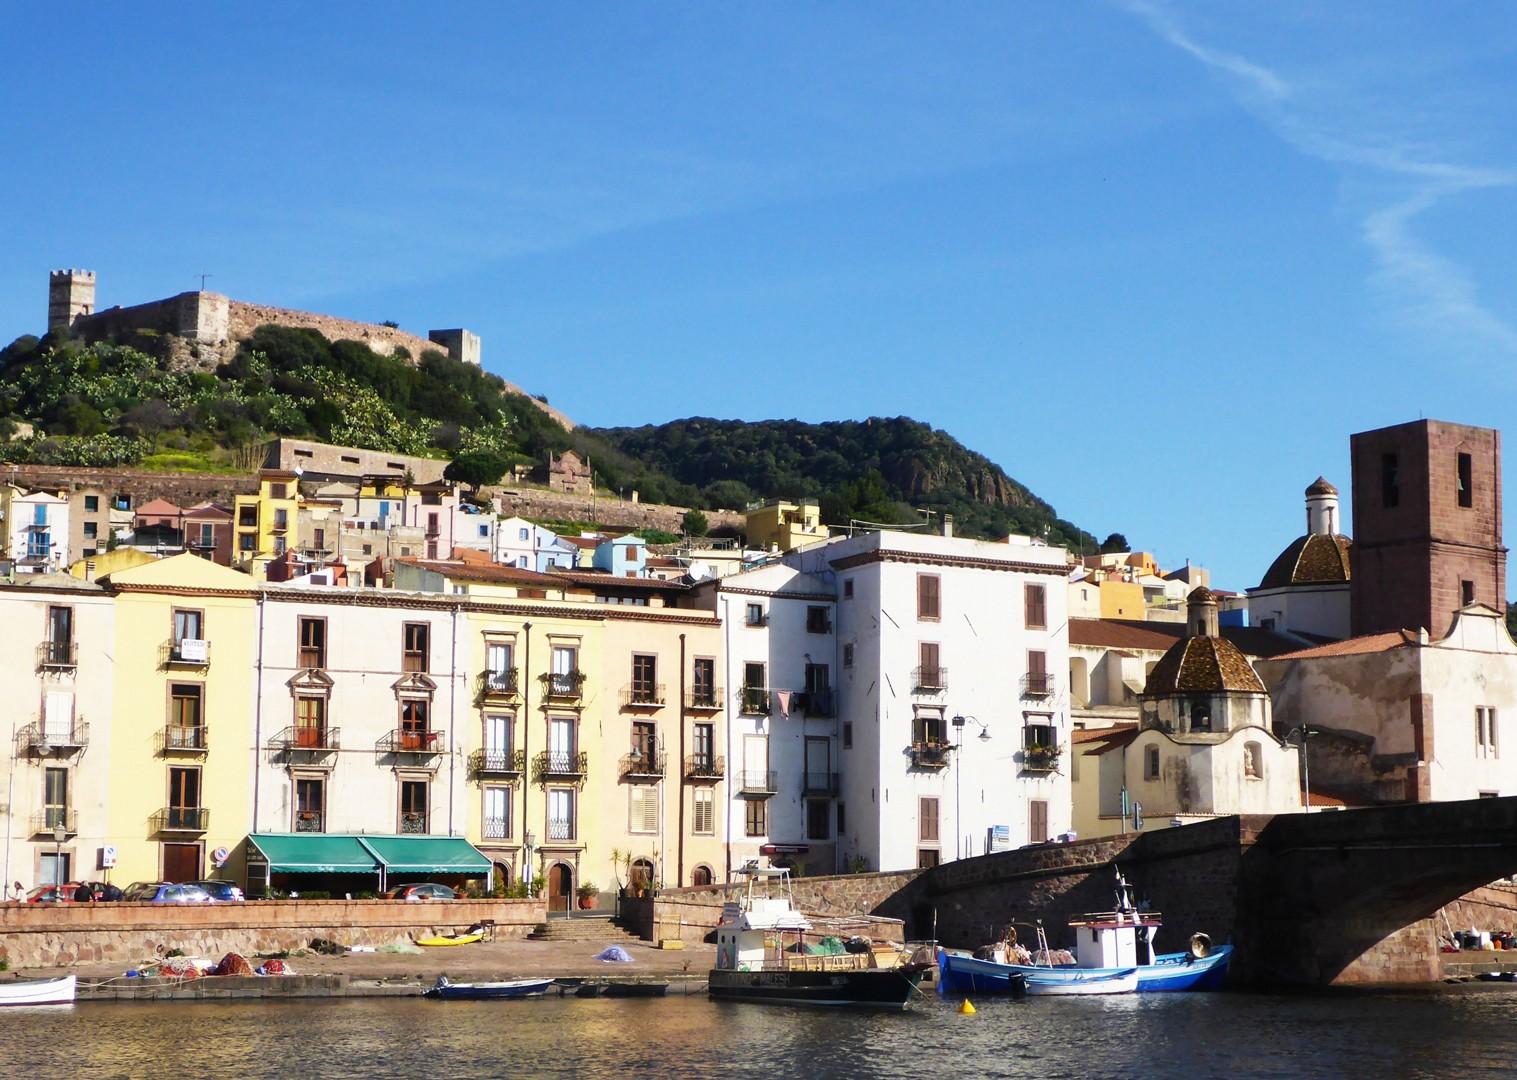 oristano-sardinia-leisure-cycling-holiday.jpg - Italy - Sardinia - West Coast Wonders - Leisure Cycling